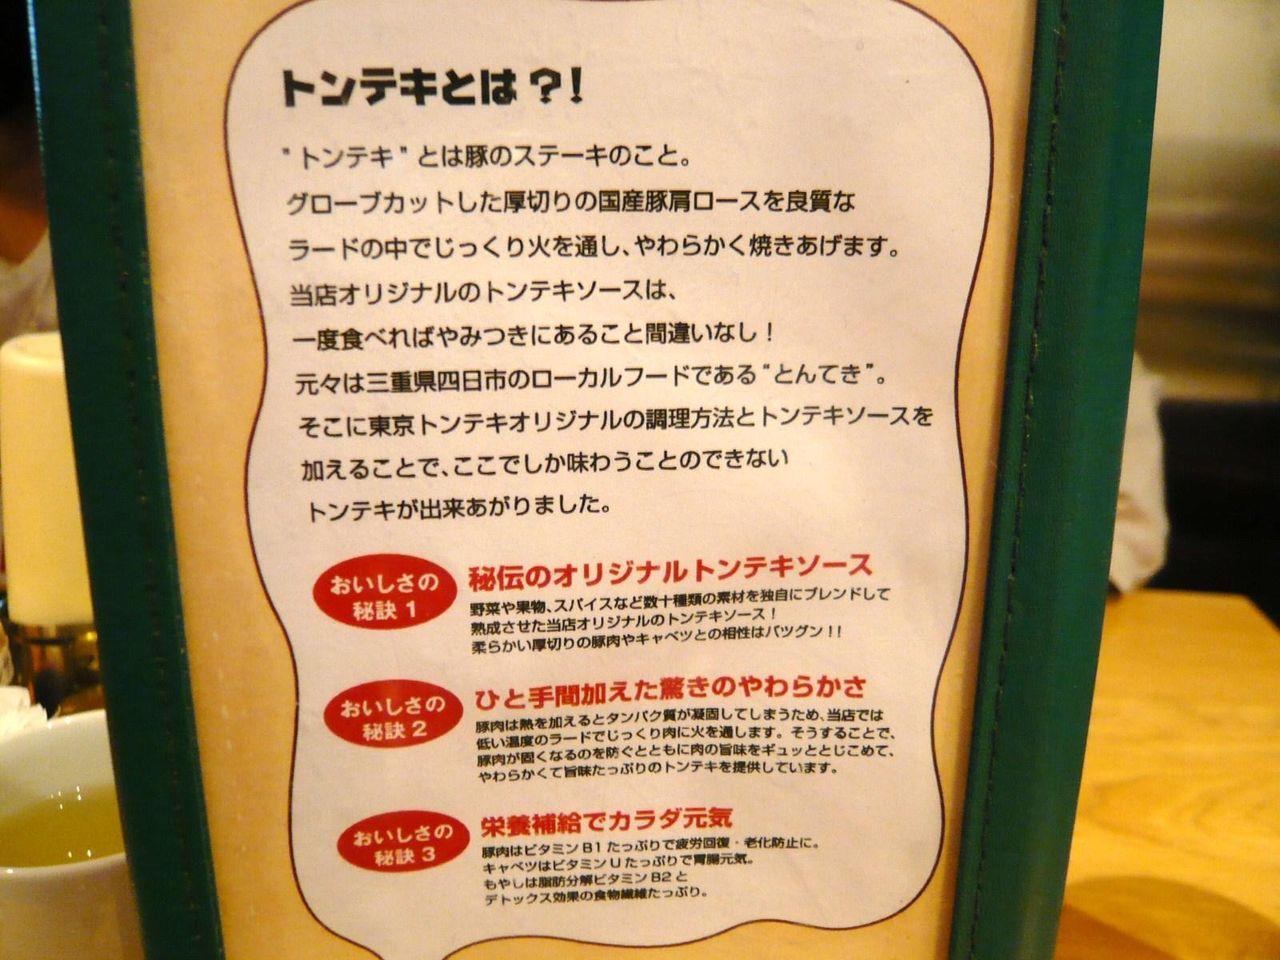 東京トンテキの美味しさの秘密!